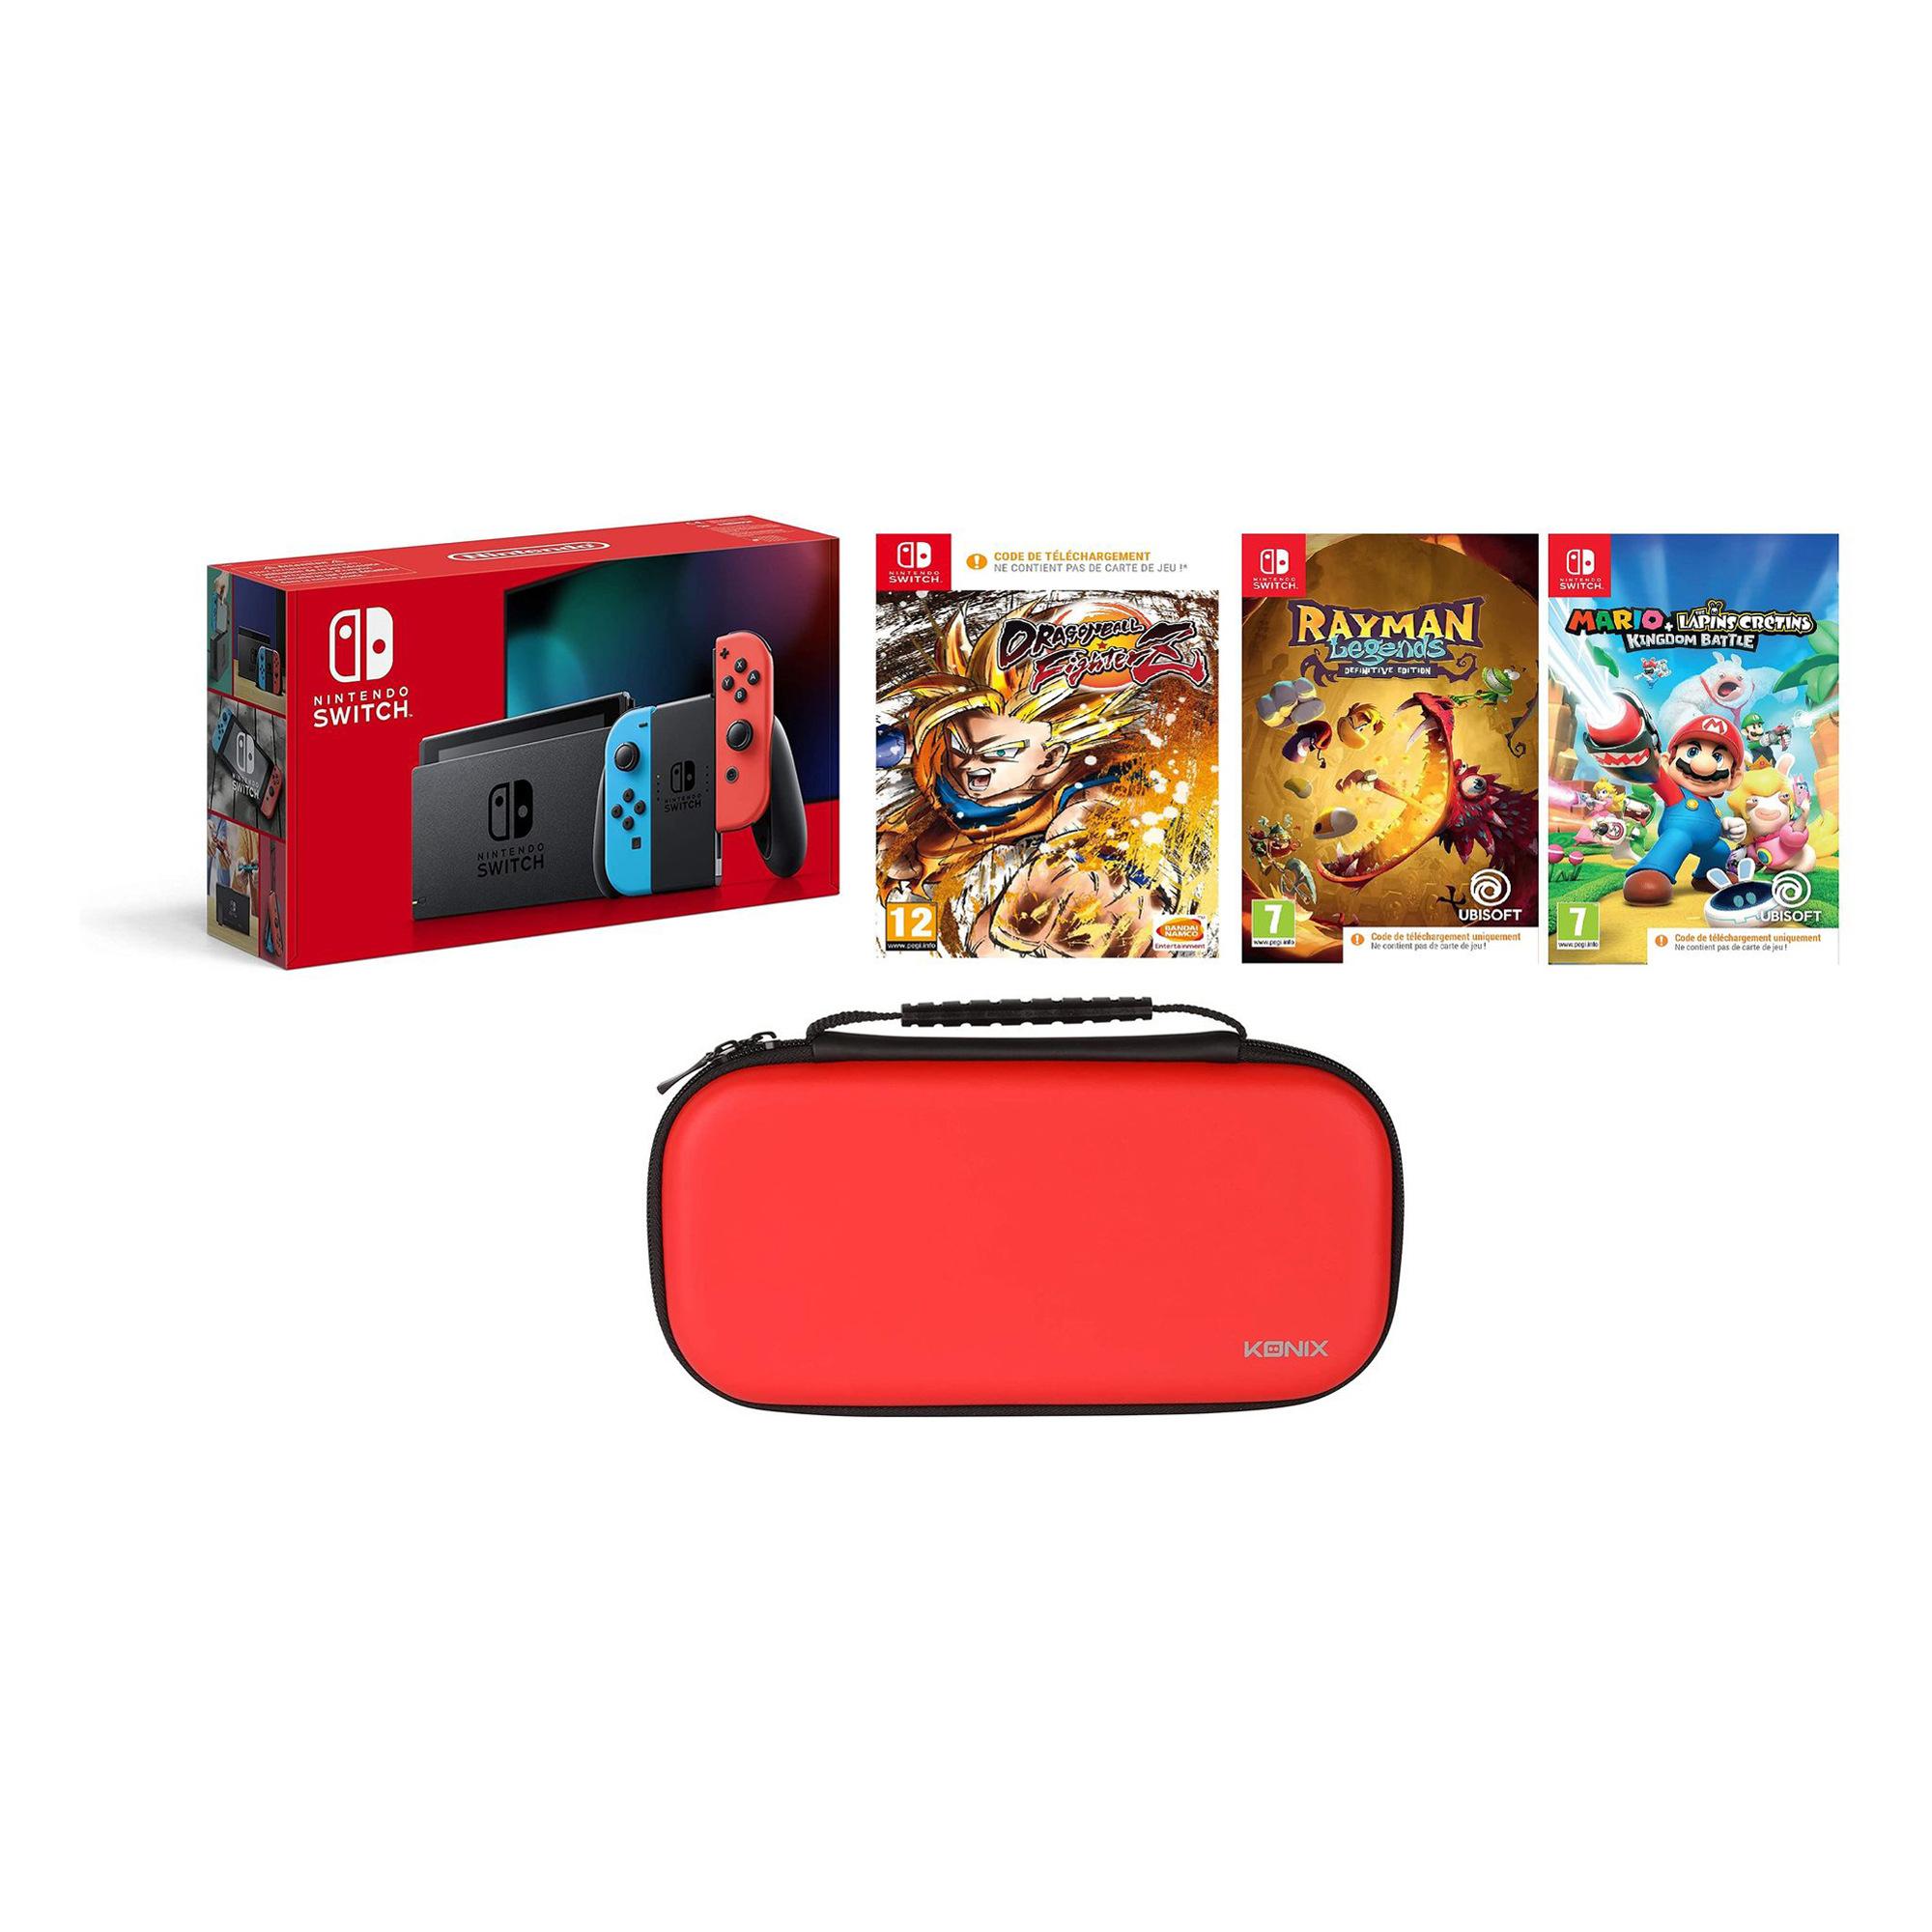 Pack console Nintendo Switch Neon + 3 jeux + Housse de transport